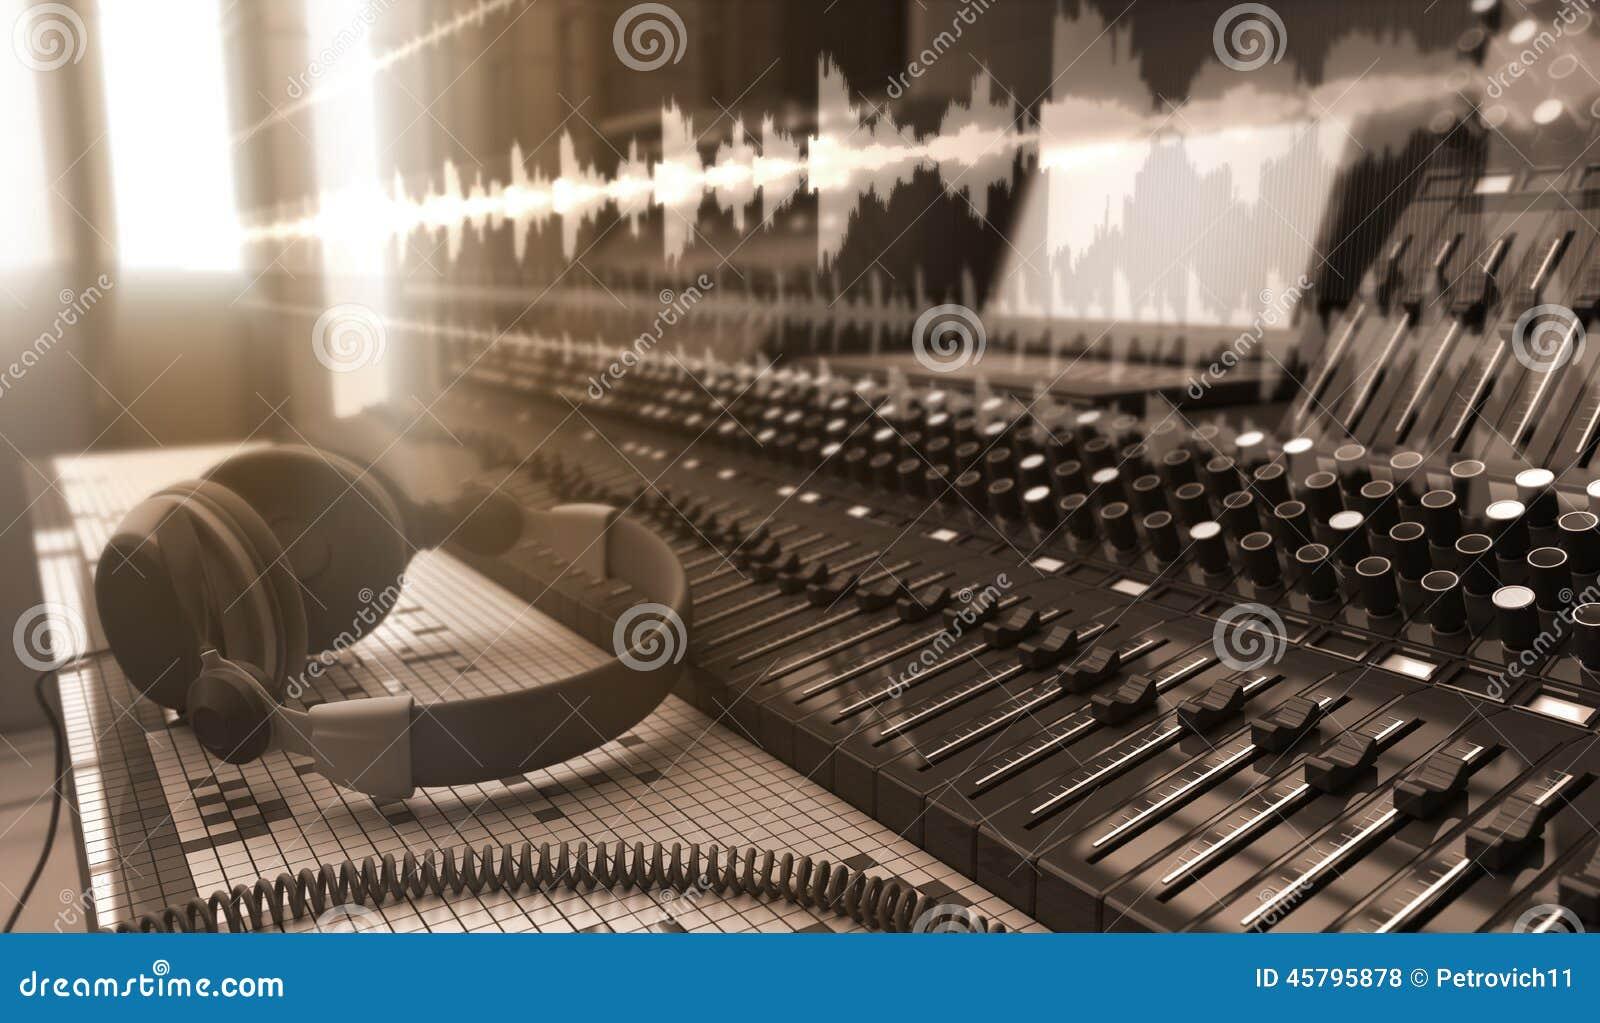 Estudio de los sonidos